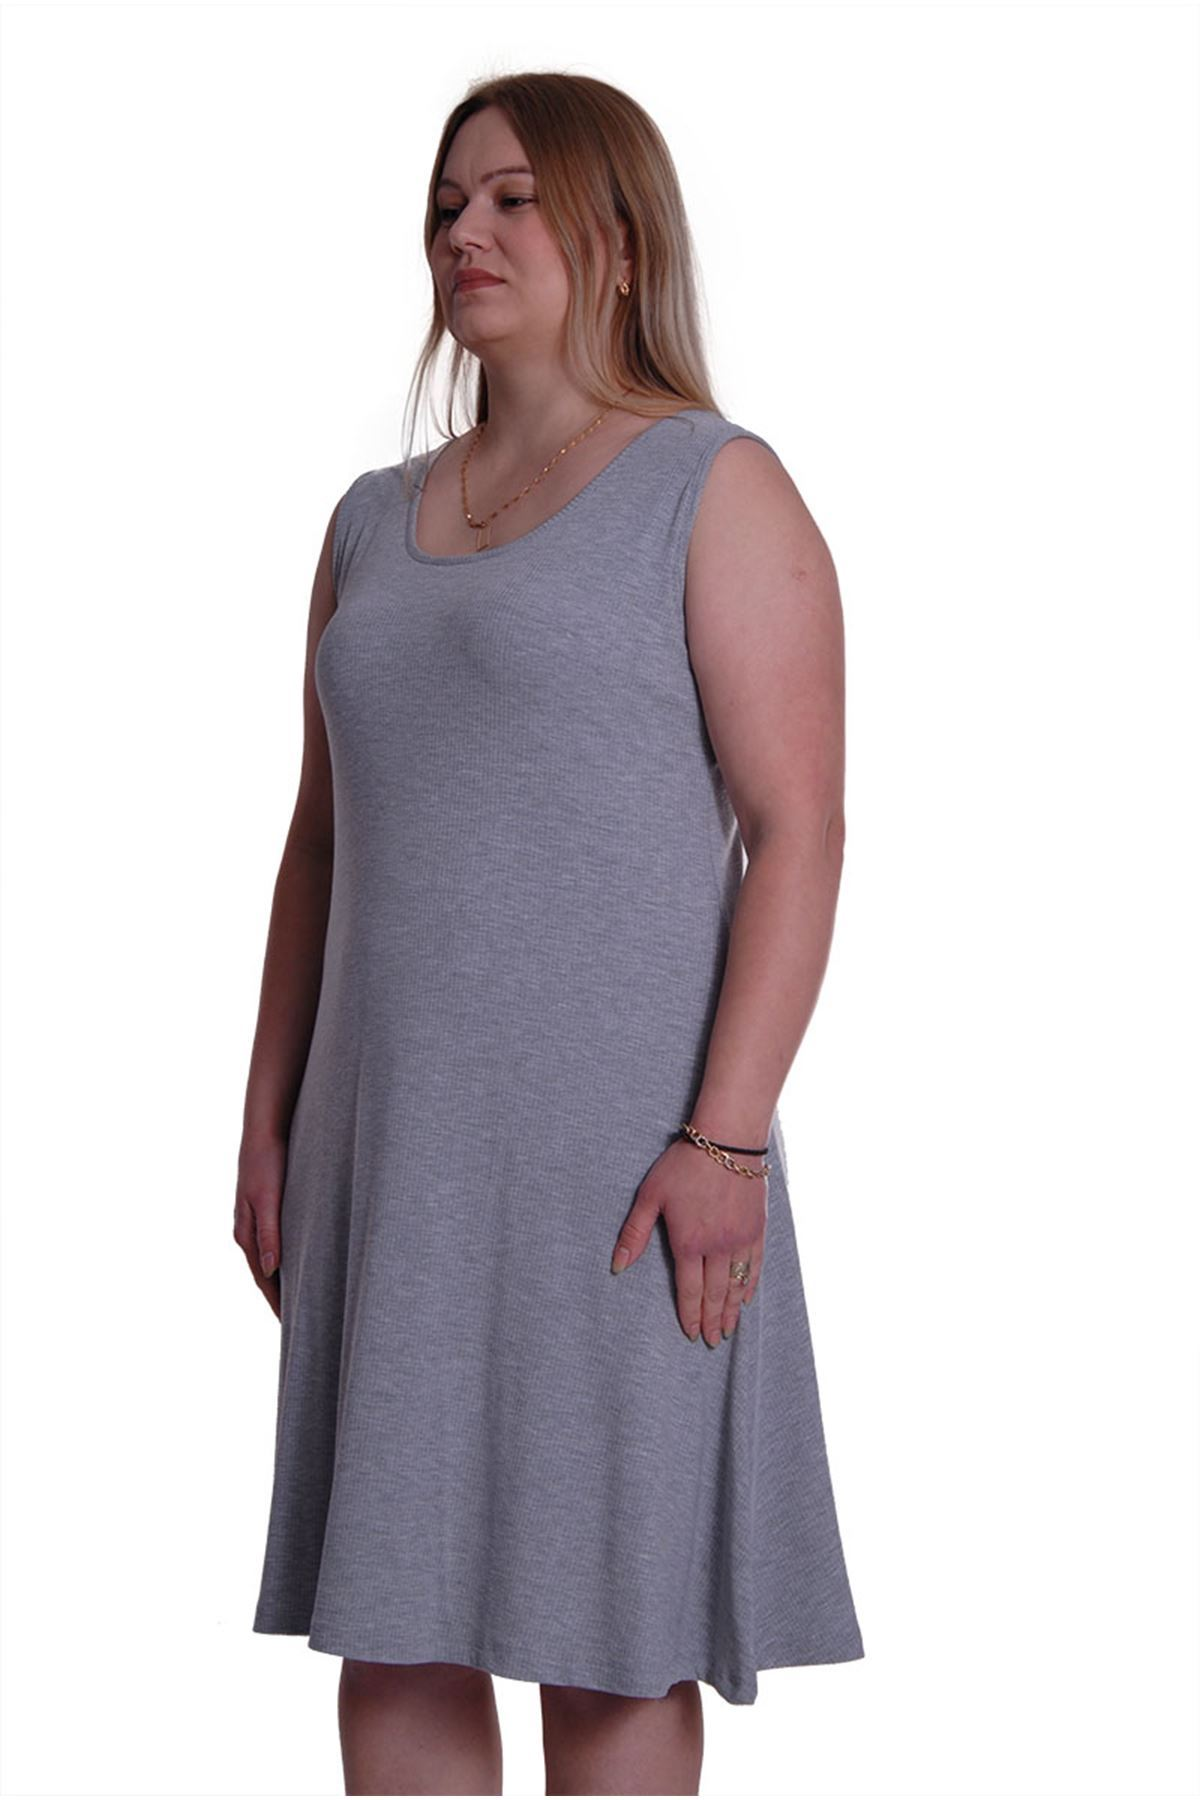 Gri Kolsuz Esnek Elbise 2C-0016